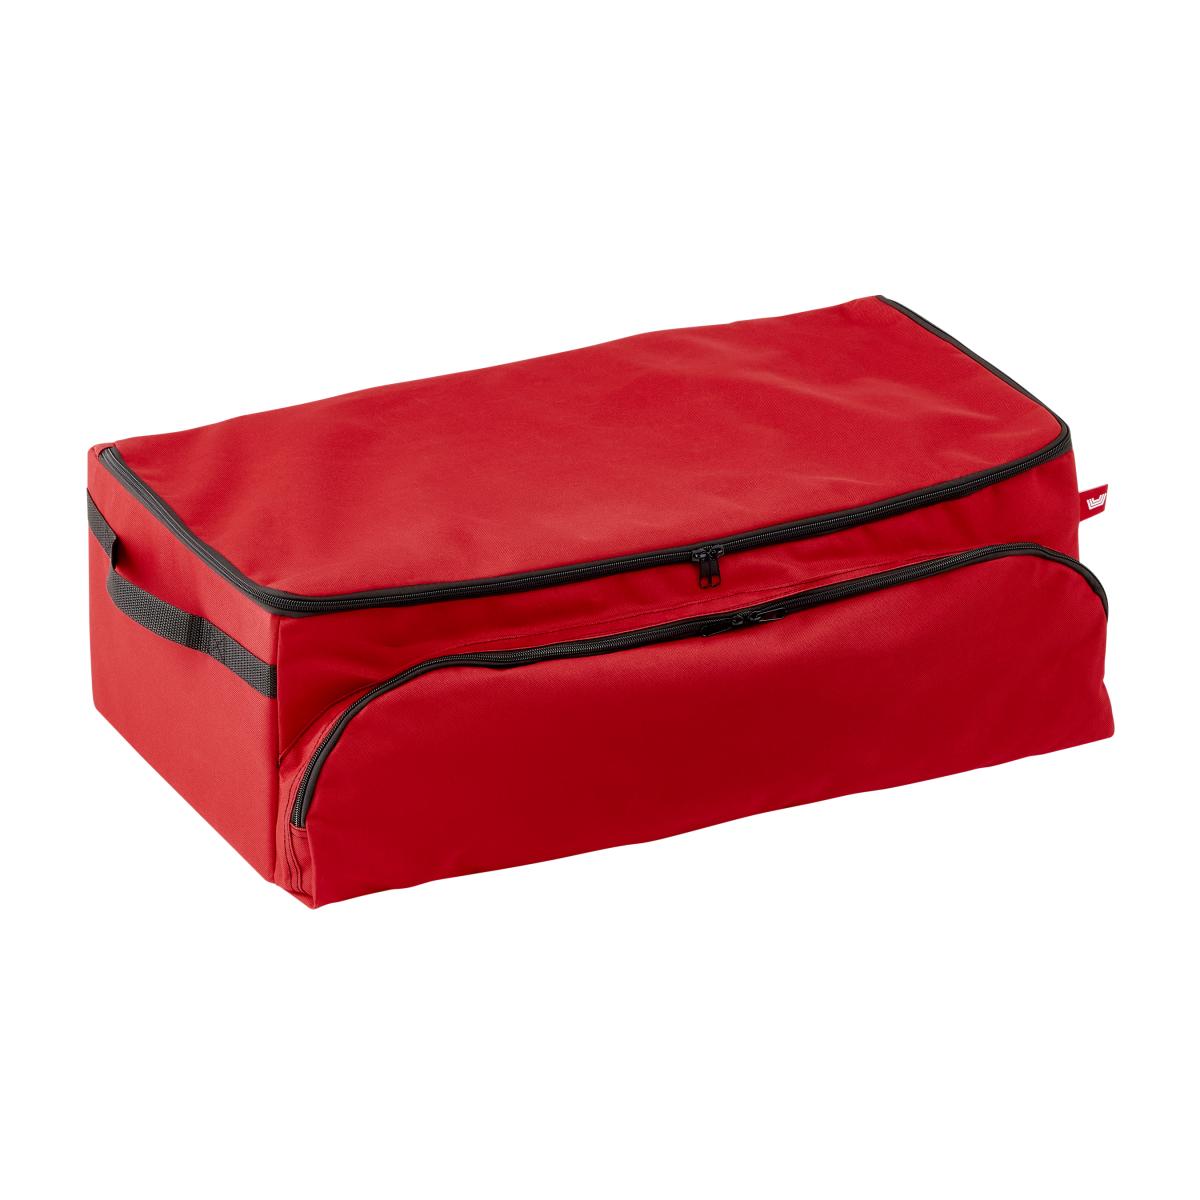 2-Tray Ornament Storage Case